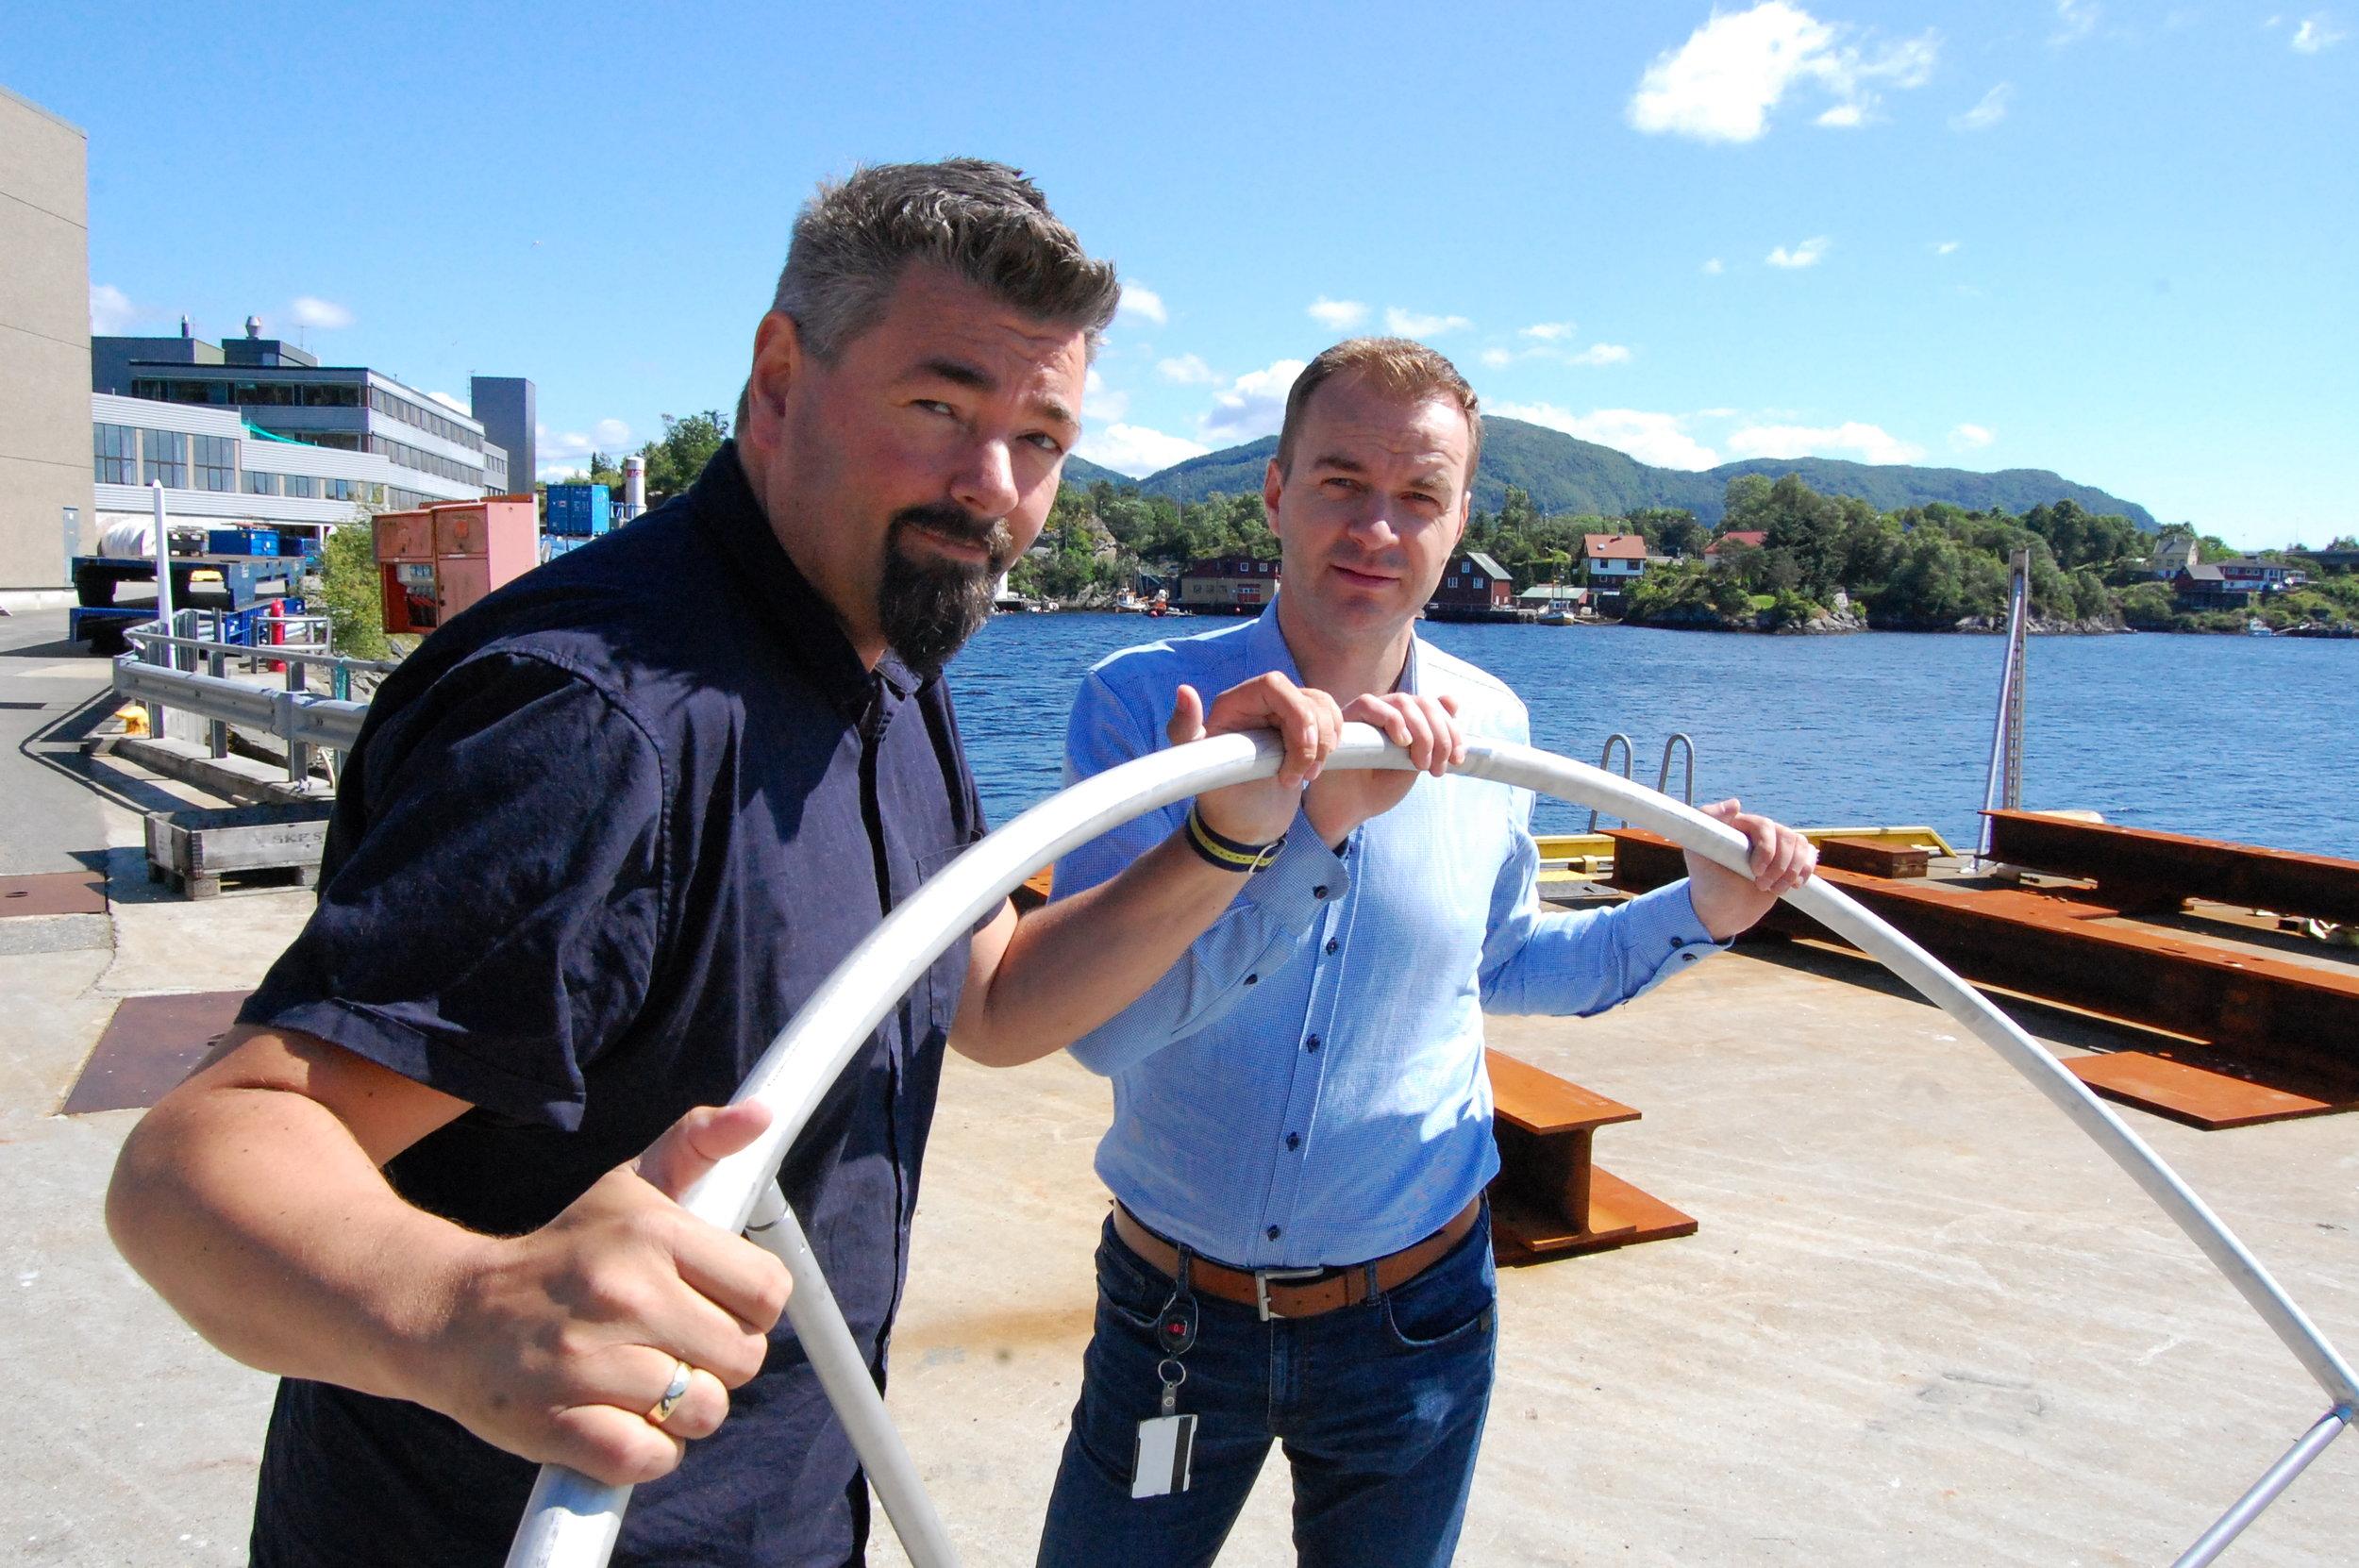 Tor Steinar Olsen - Salgs og Markedssjef i NWP Havbruk sammen med Sigve Gjerstad, teknisk direktør hos Framo, gleder seg over at Midt-Norsk Ringen kan bidra til økt vekst i bransjen. Foto: Geir Dahle